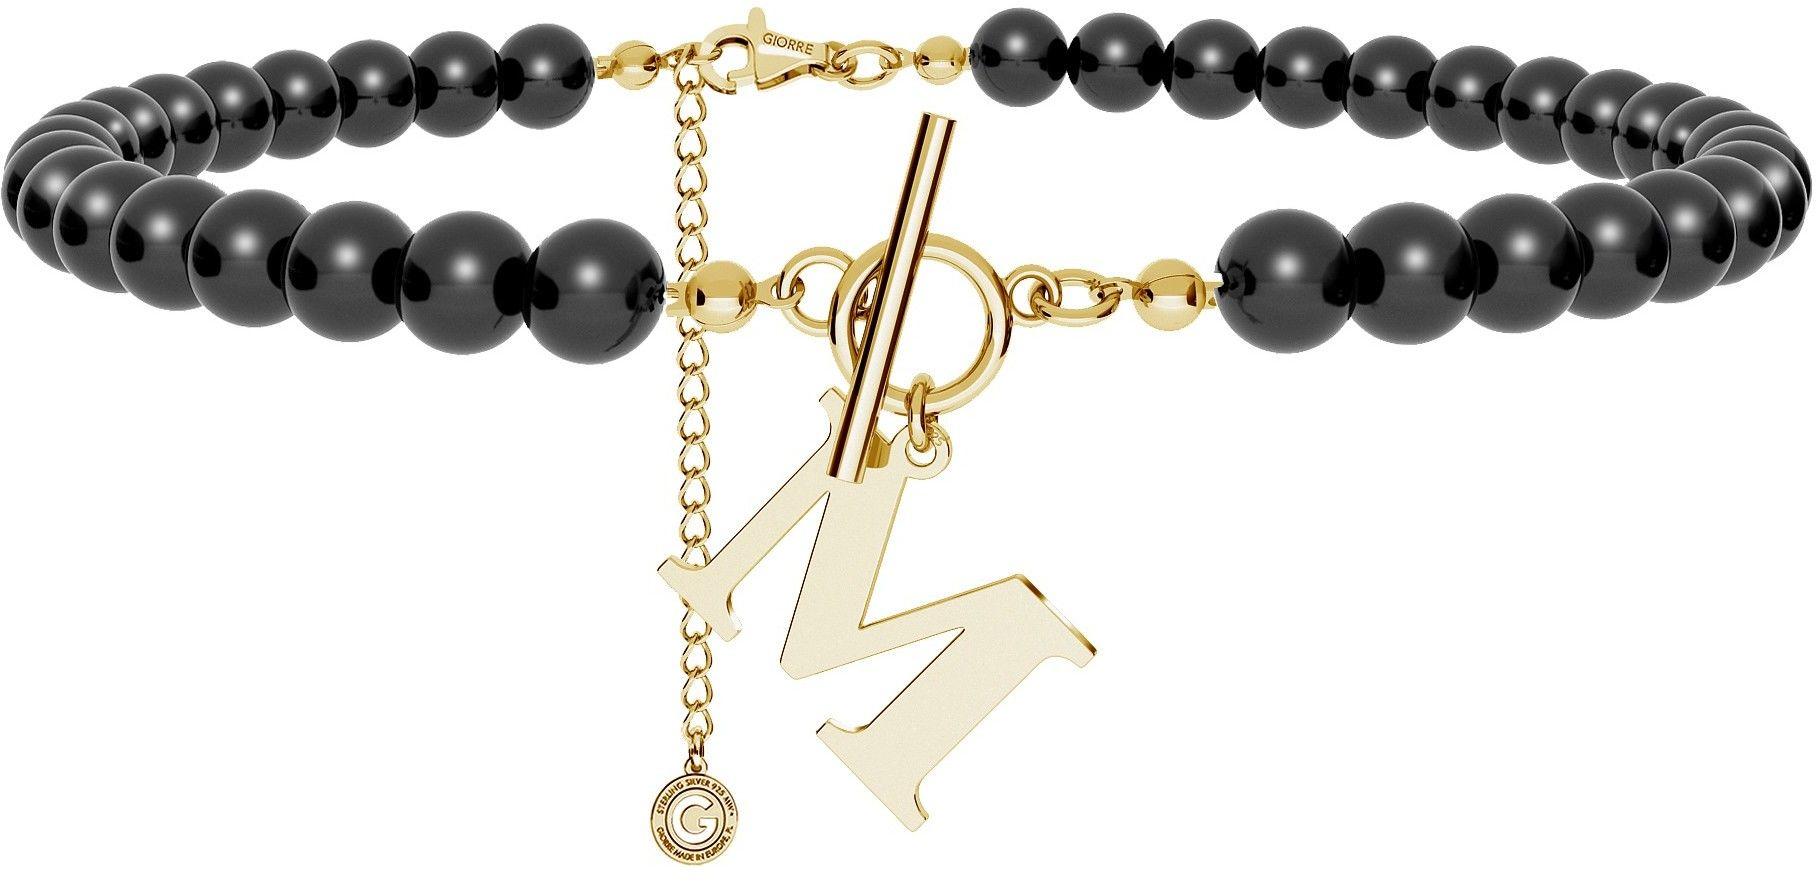 Czarny perłowy choker z dowolną literą, Swarovski, srebro 925 : Litera - M, Srebro - kolor pokrycia - Pokrycie żółtym 18K złotem